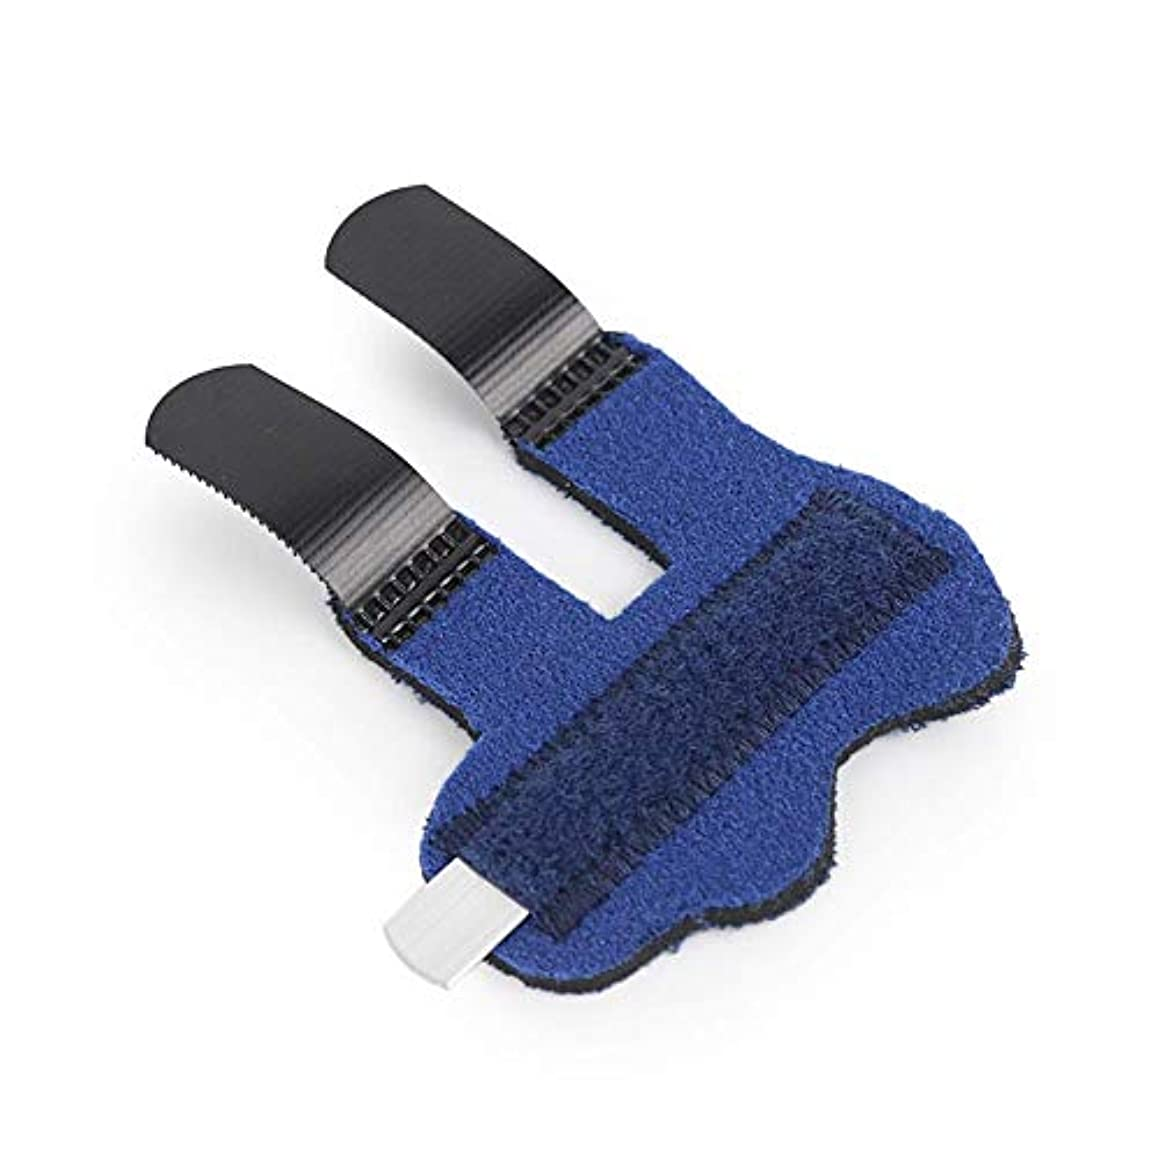 侵入する依存する著名な指固定バンド、指スプリント腱断裂負傷固定バンド指サポートブレース,ブルー